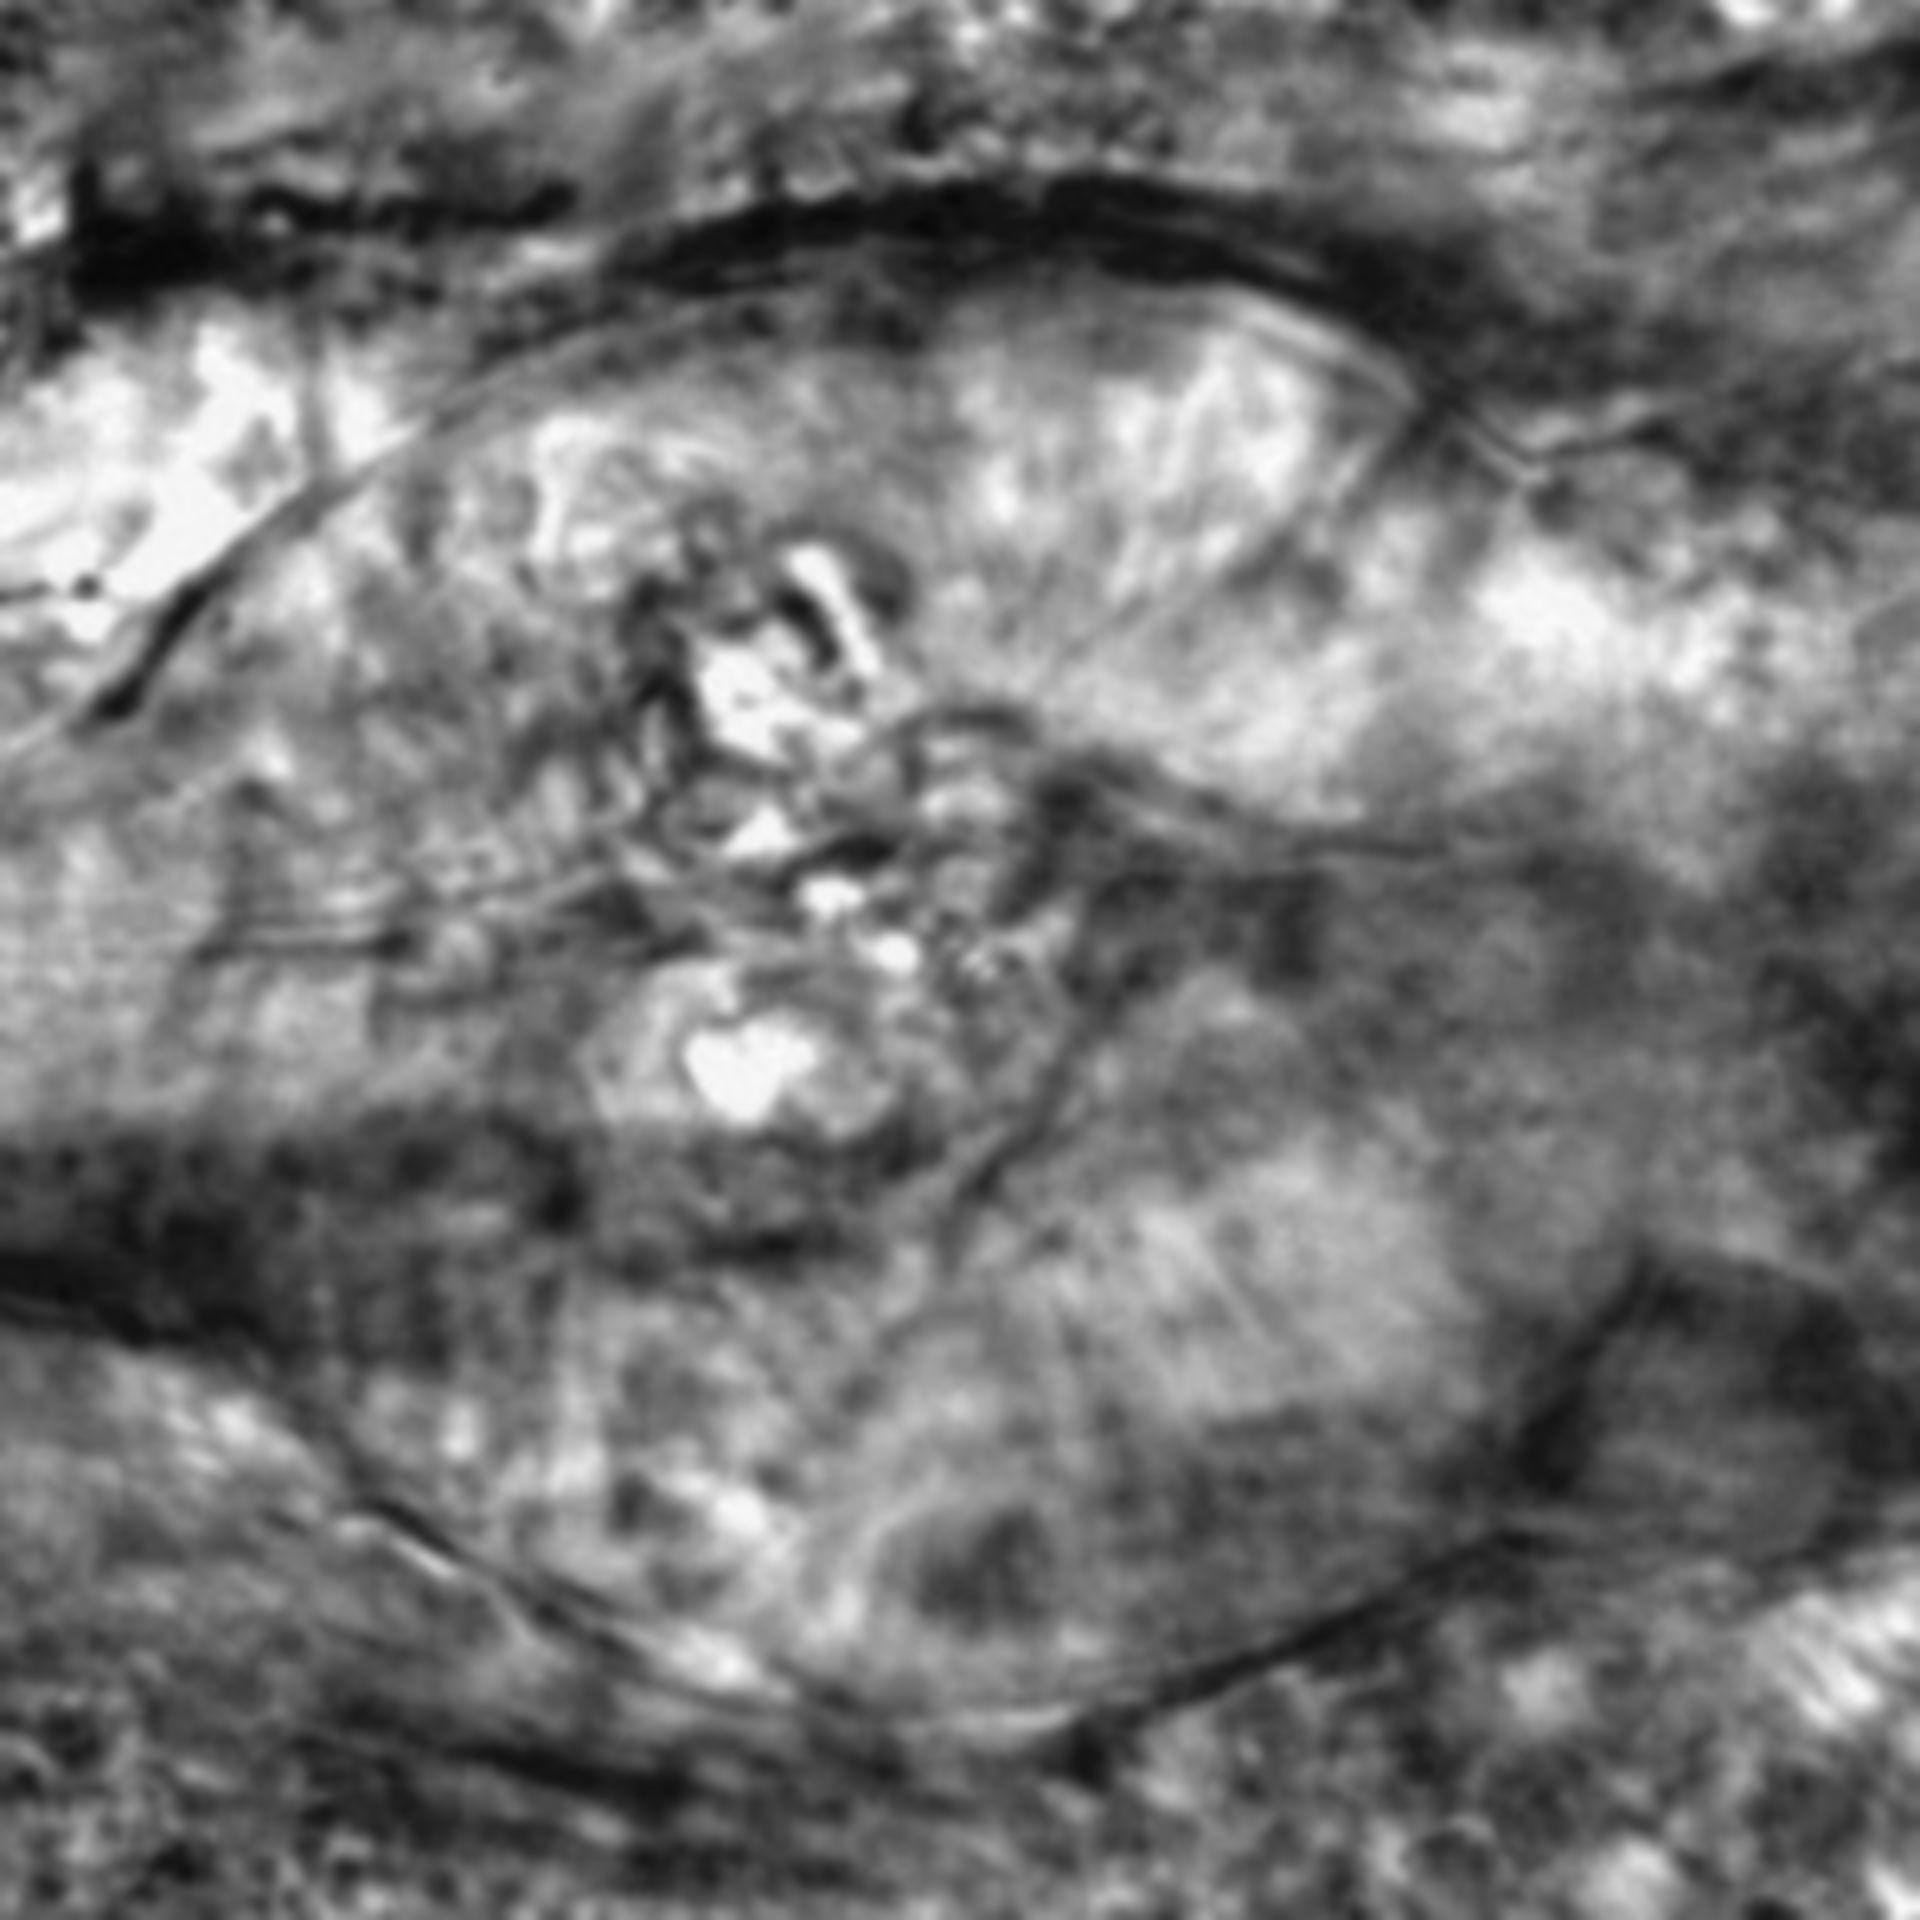 Caenorhabditis elegans - CIL:2801